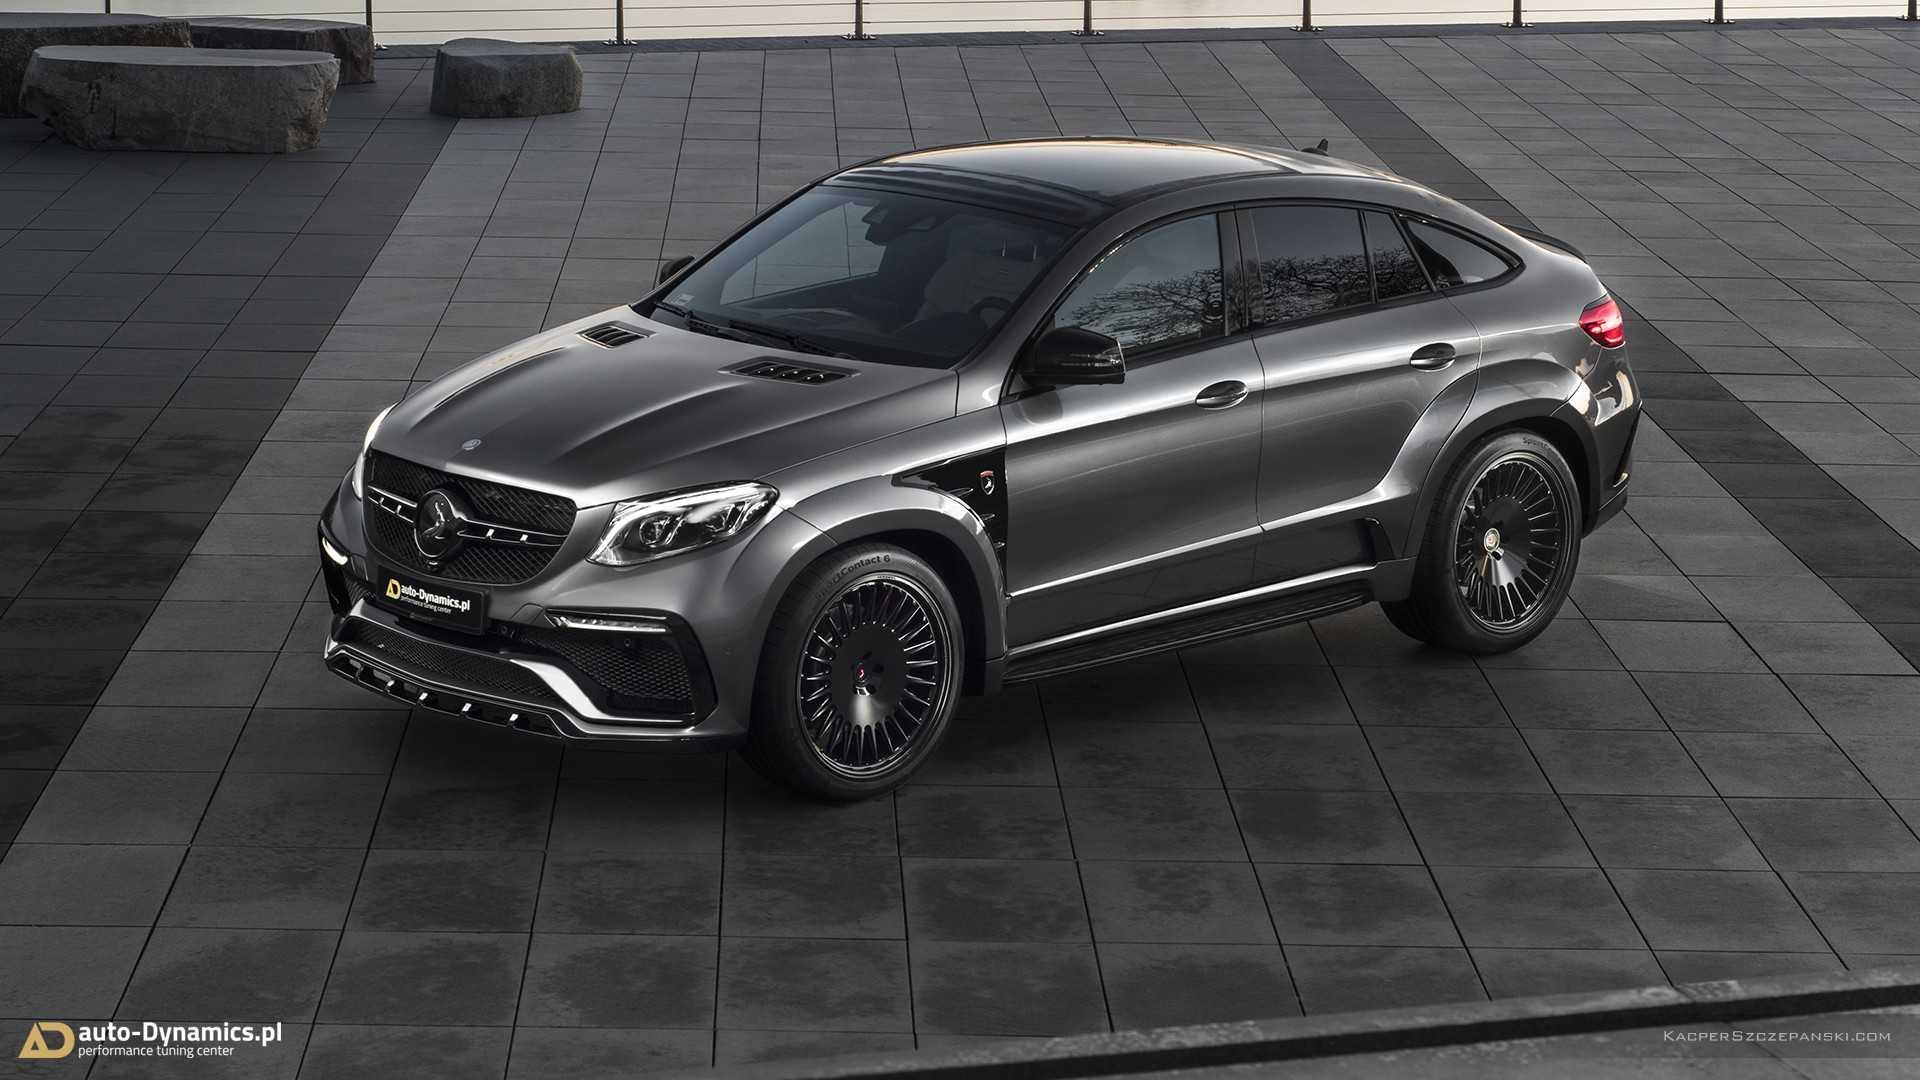 Польская тюнинг-мастерская Auto-Dynamics.pl представила сверхбыструю модификацию Mercedes-AMG GLE 63 S – Project Inferno